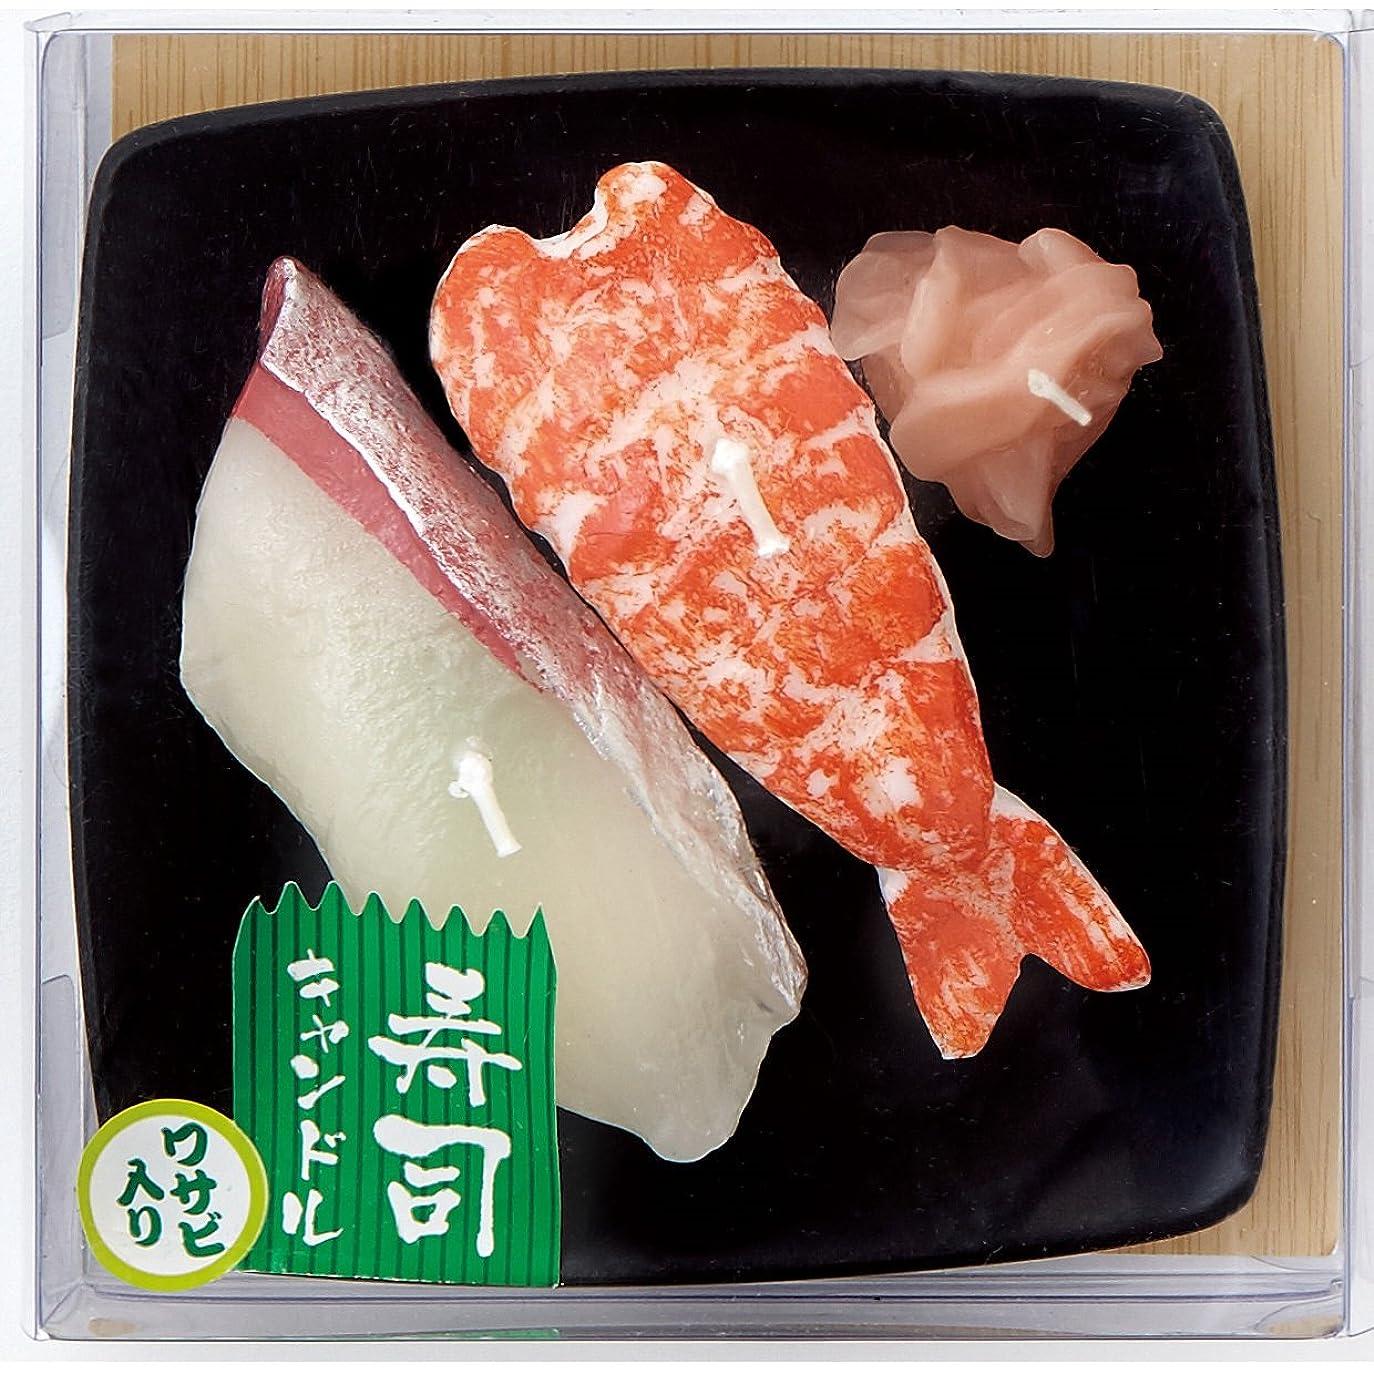 おなかがすいたズーム昇進寿司キャンドル B(エビ?ハマチ) サビ入